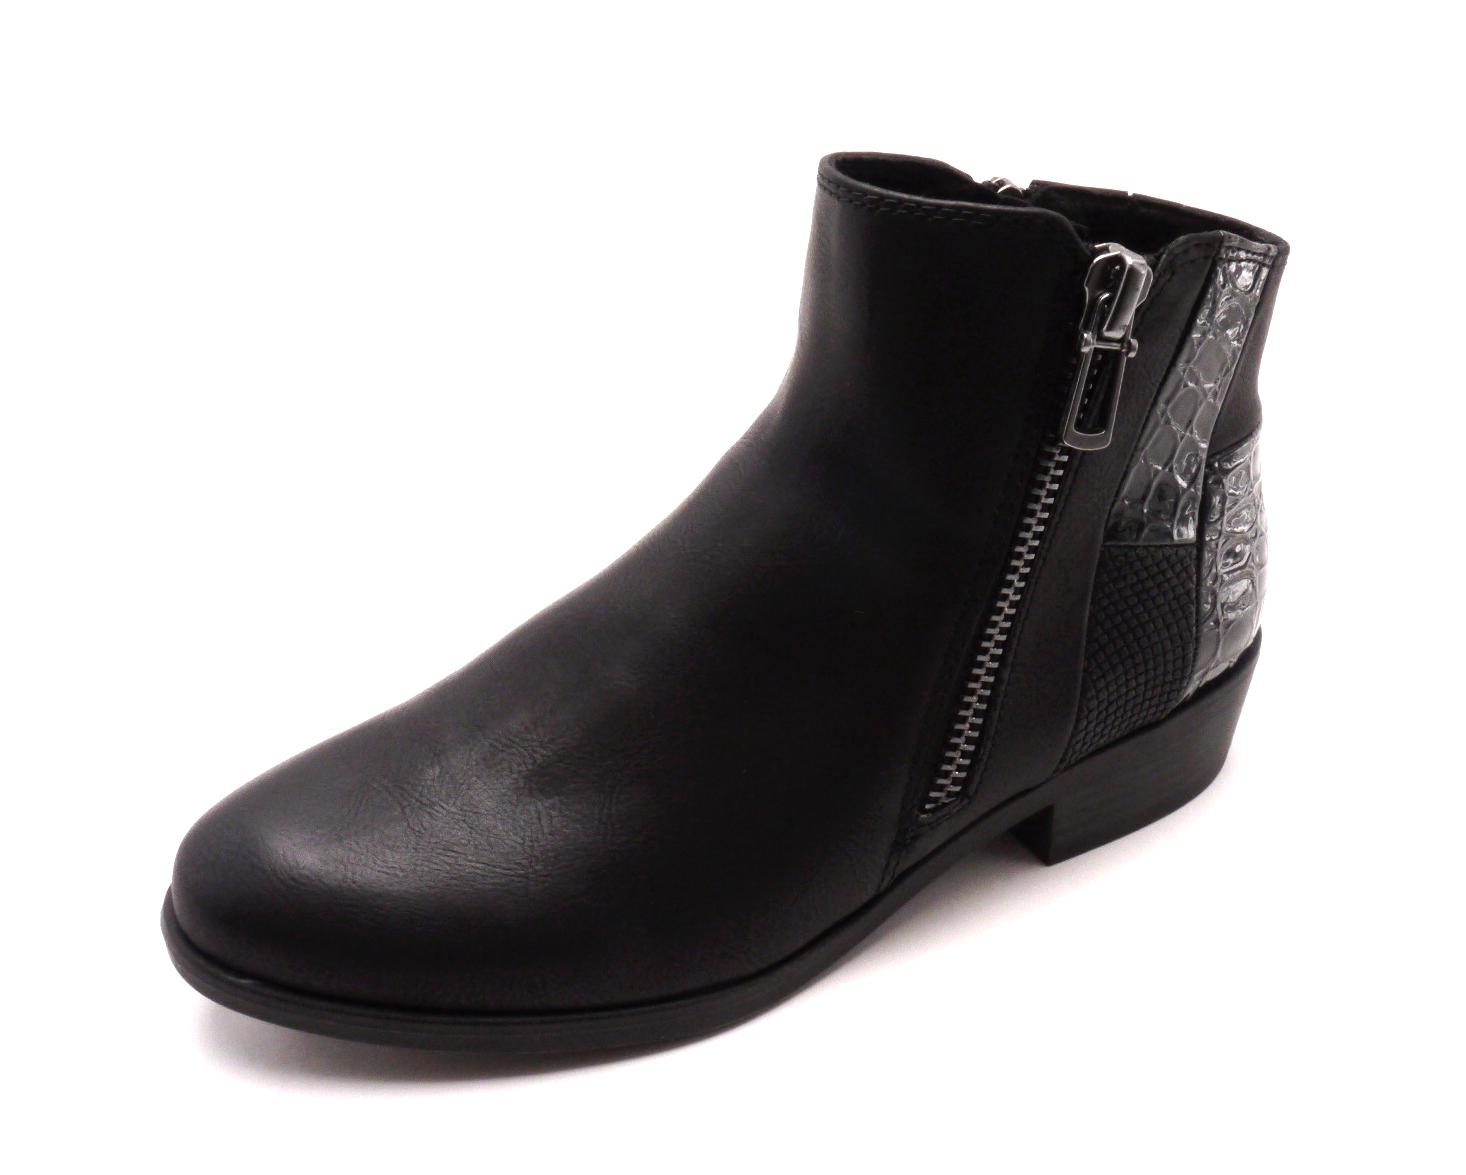 Marco Tozzi Dámská kotníková obuv 2-25307-29 Velikost: 37